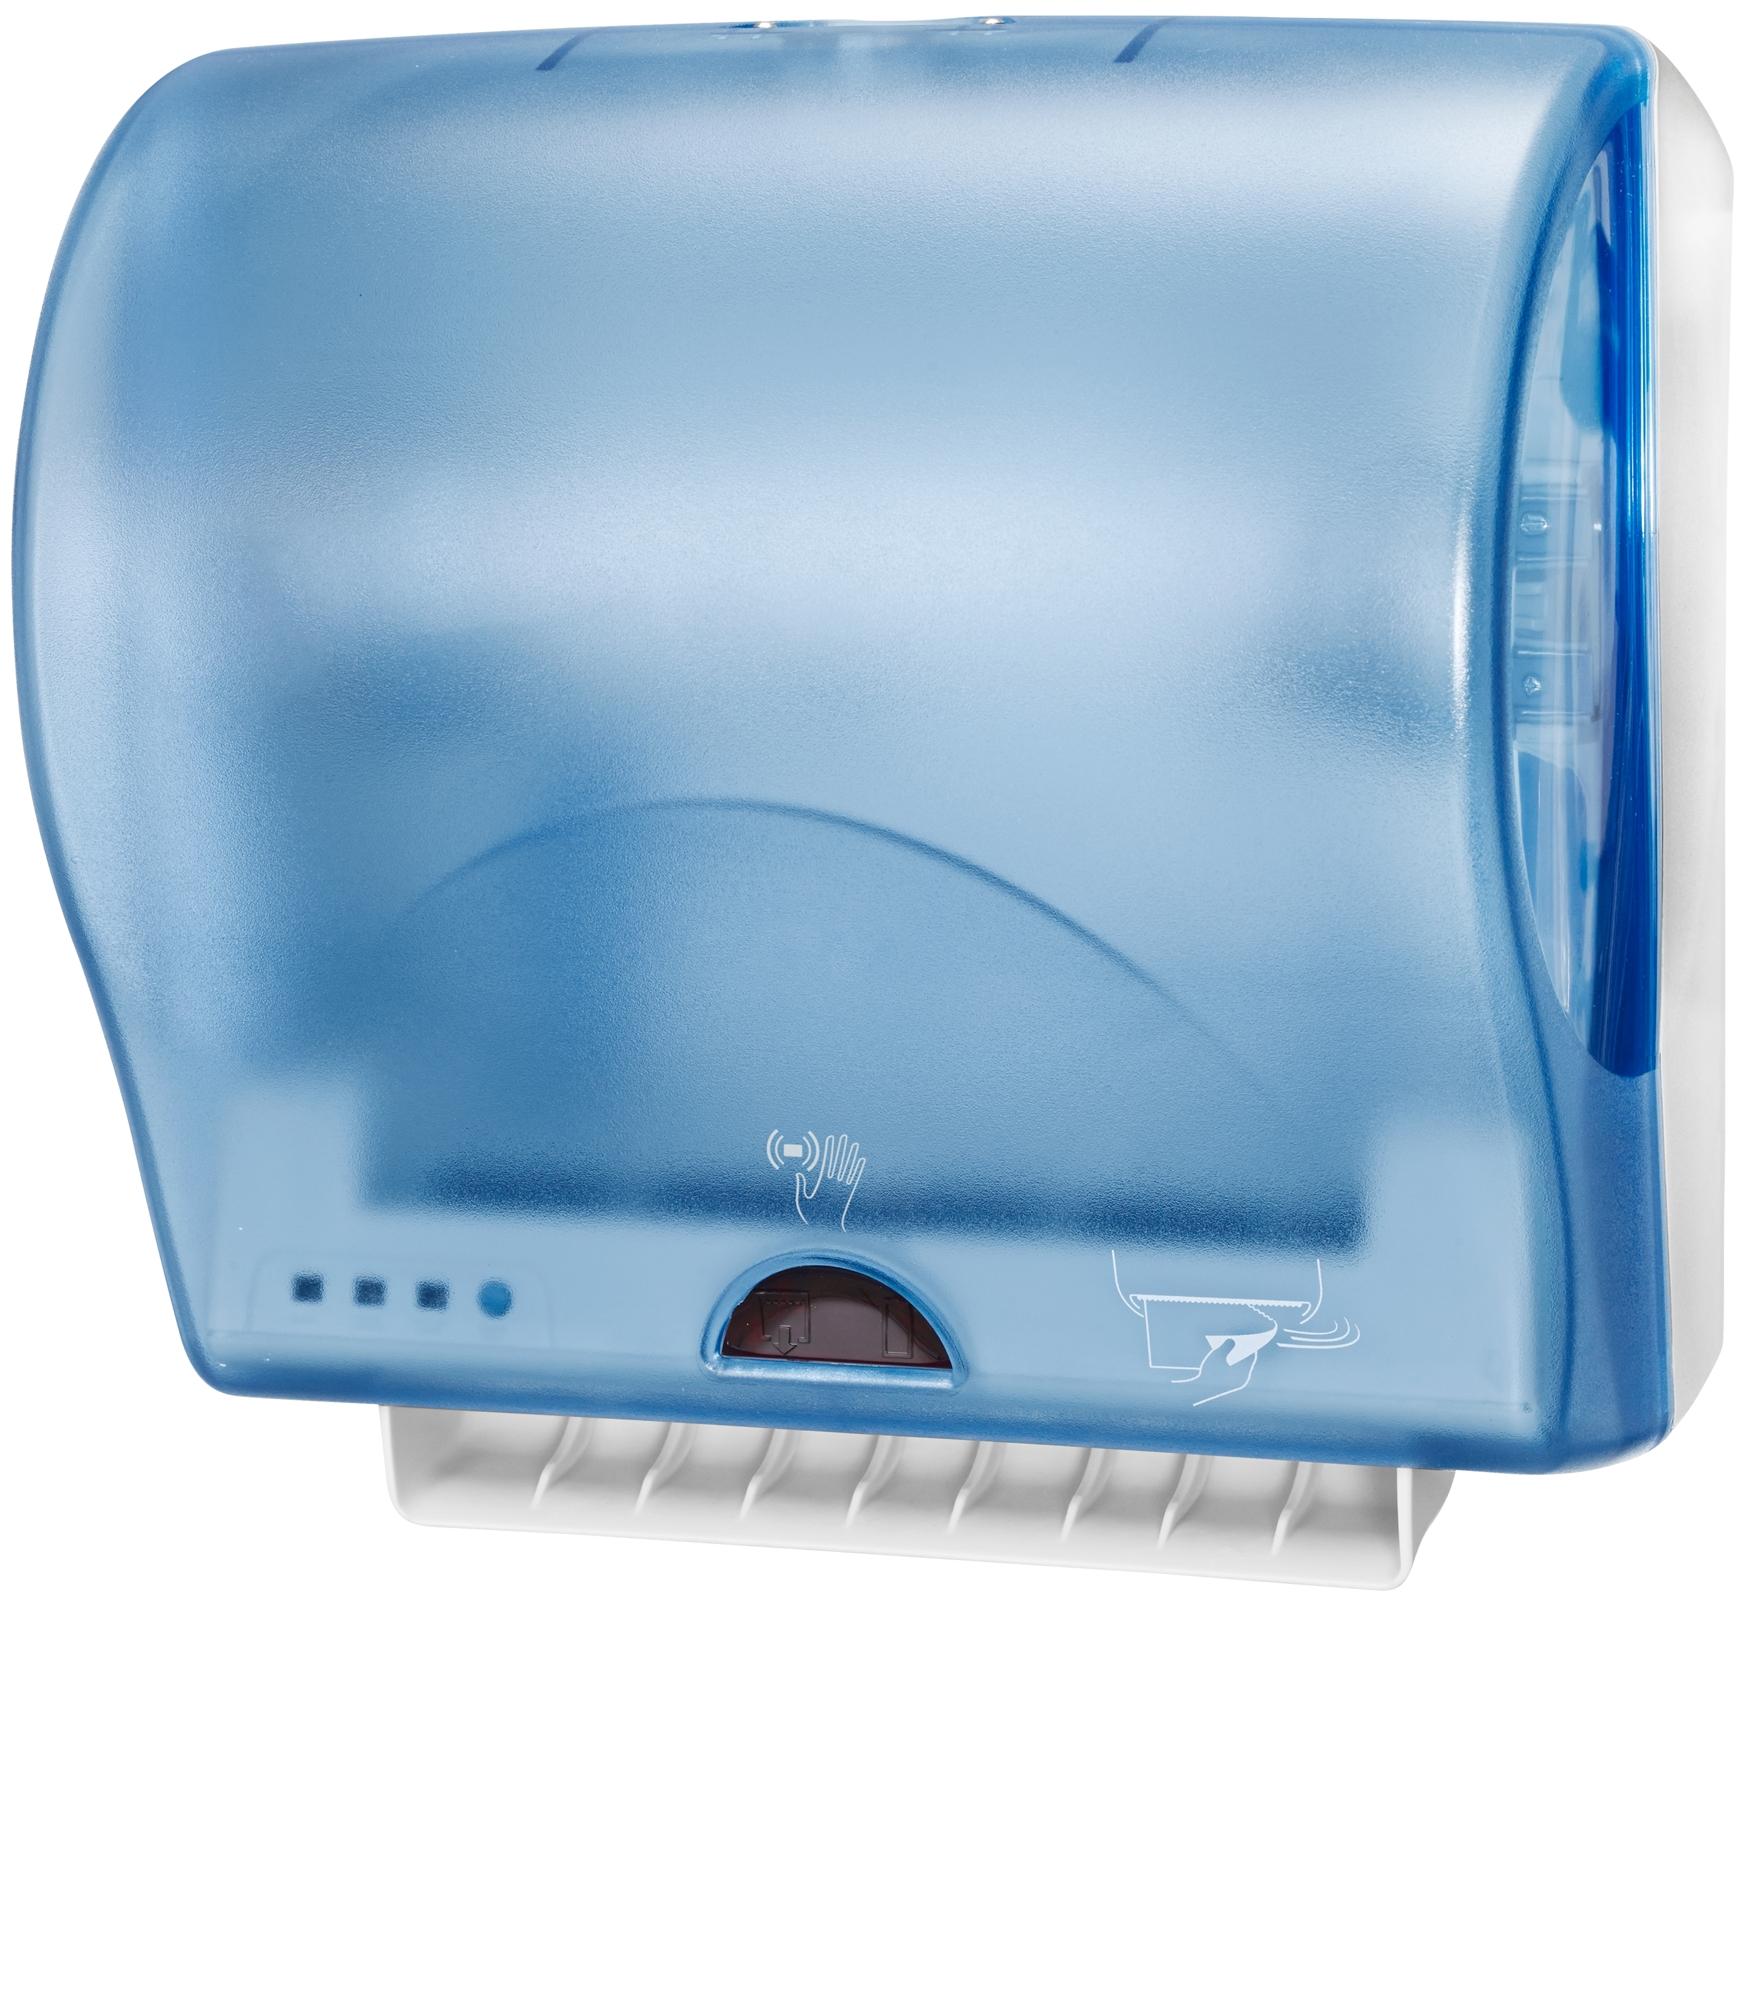 distributeur d 39 essuie mains enmotion lotus impulse bleu. Black Bedroom Furniture Sets. Home Design Ideas